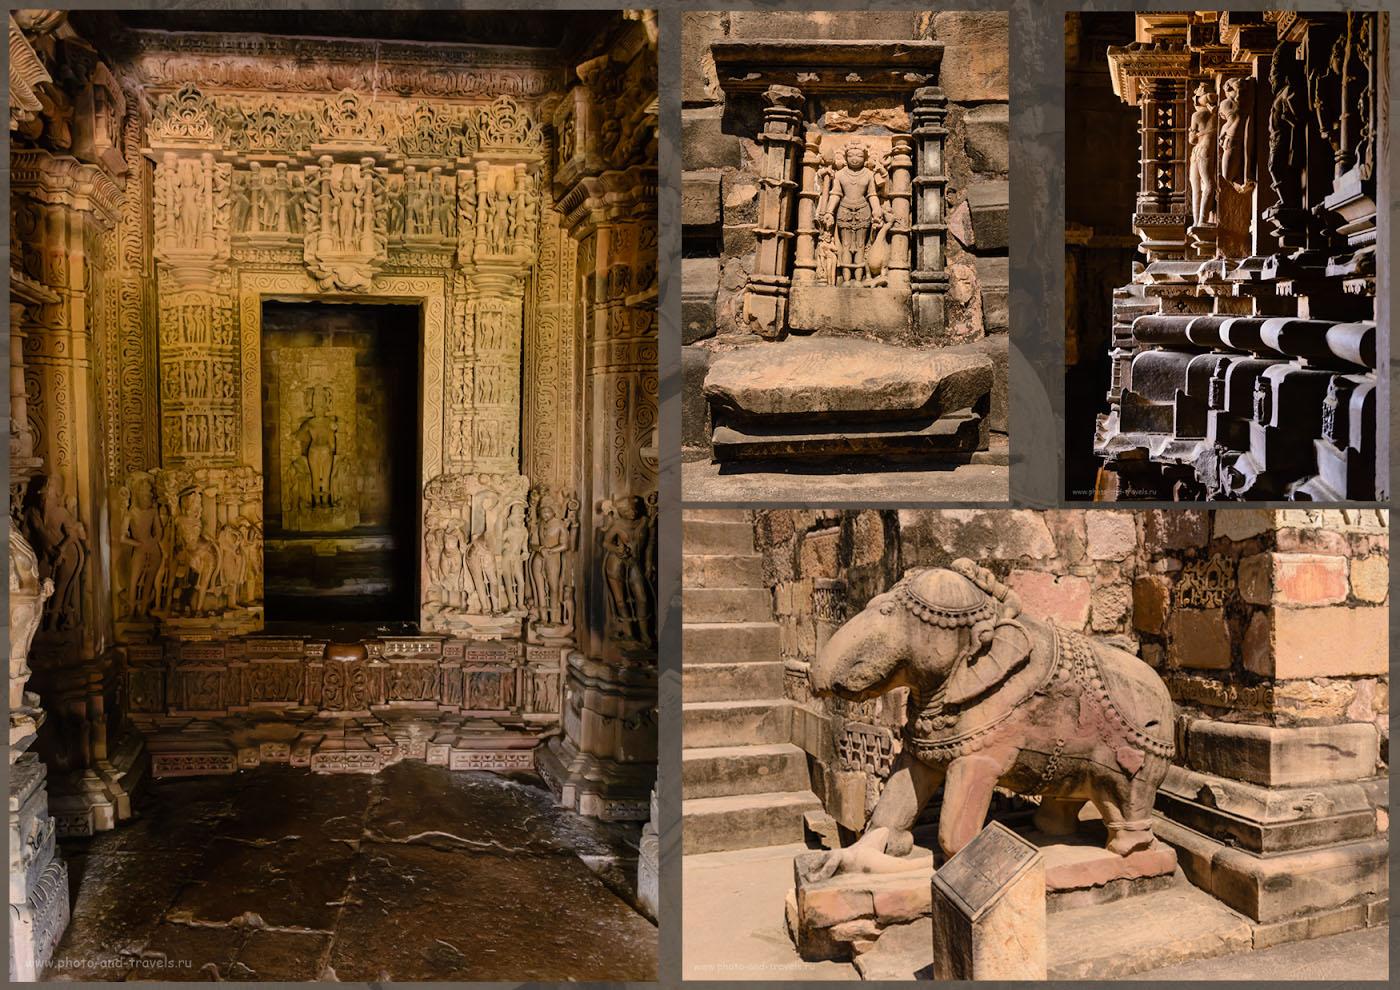 Снимок 4. Отчет о посещении храмов Кхаджурахо в штатье Мадхья-Прадеш во время путешествия по Индии самостоятельно.